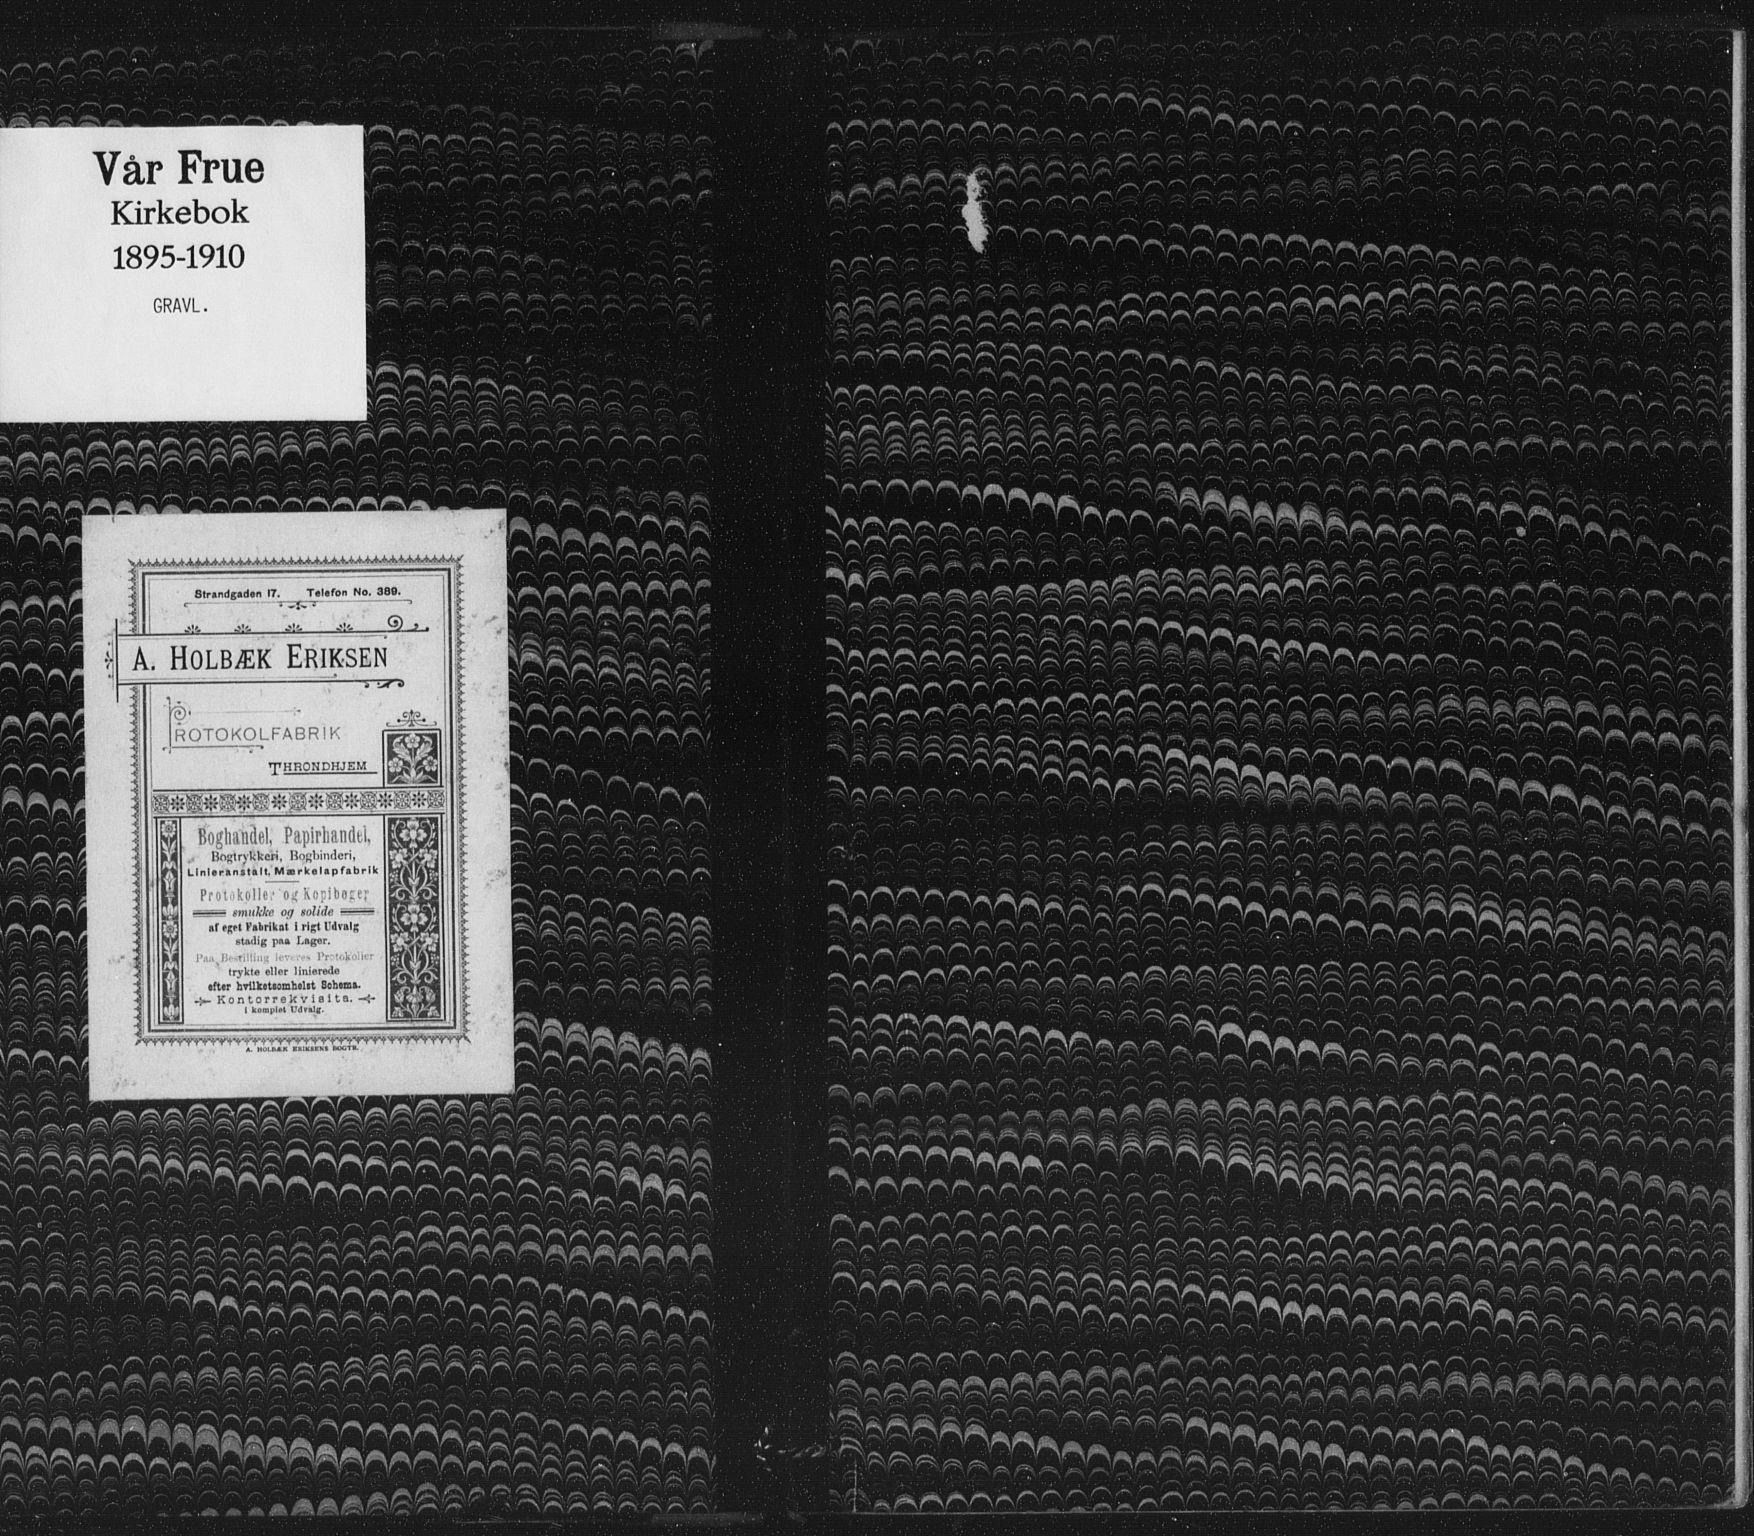 SAT, Ministerialprotokoller, klokkerbøker og fødselsregistre - Sør-Trøndelag, 602/L0123: Ministerialbok nr. 602A21, 1895-1910